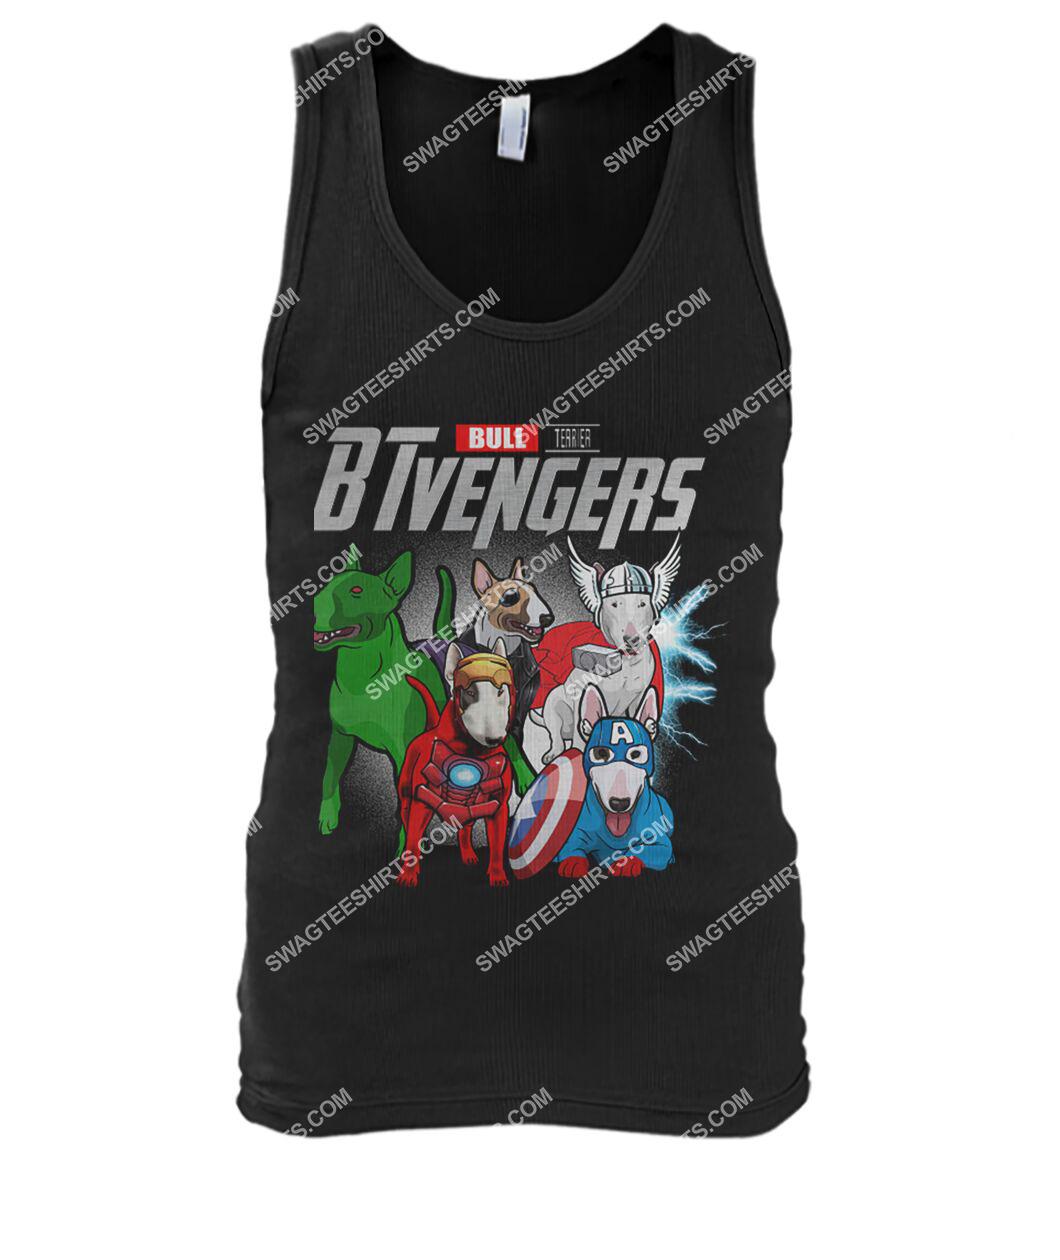 bull terrier btvengers marvel avengers dogs lover tank top 1